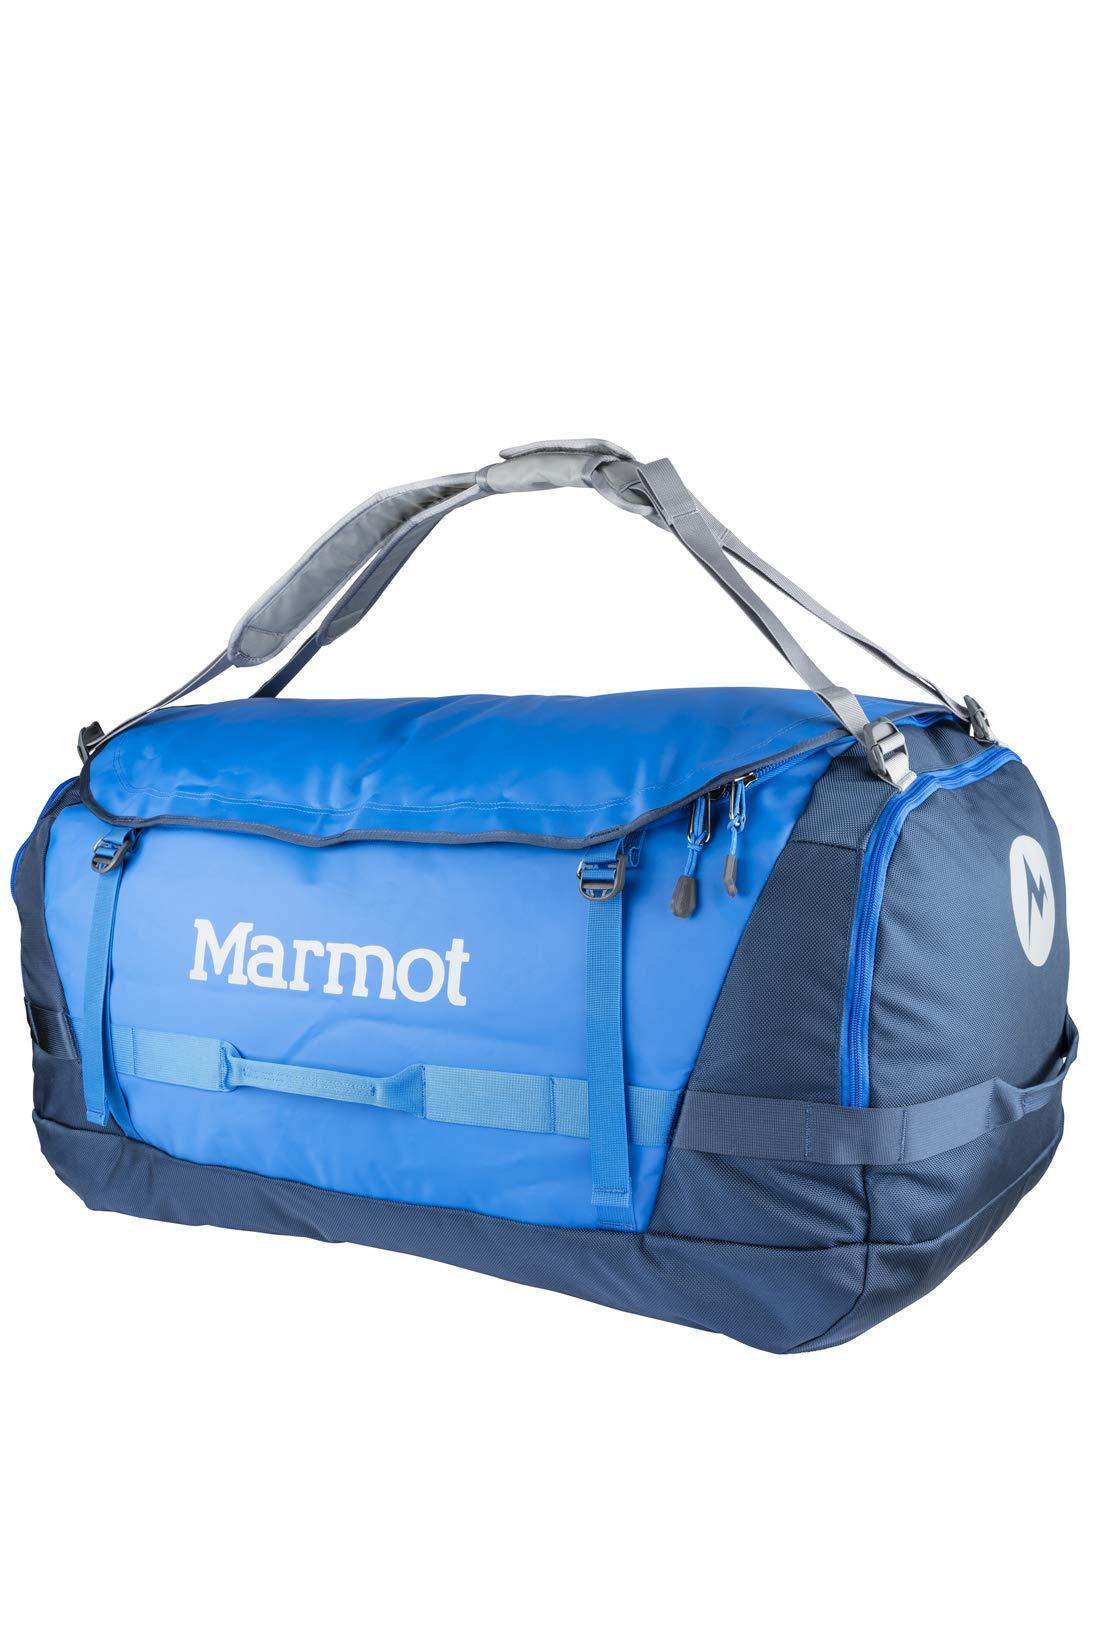 Marmot-Long-Hauler-Duffel-Bag-Expedition-sac-de-Voyage-Grand-et-robuste-Sport-XL-Weekender-Reisetasche-50-cm-125-liters-Blau-Peak-BlueVintage-Navy